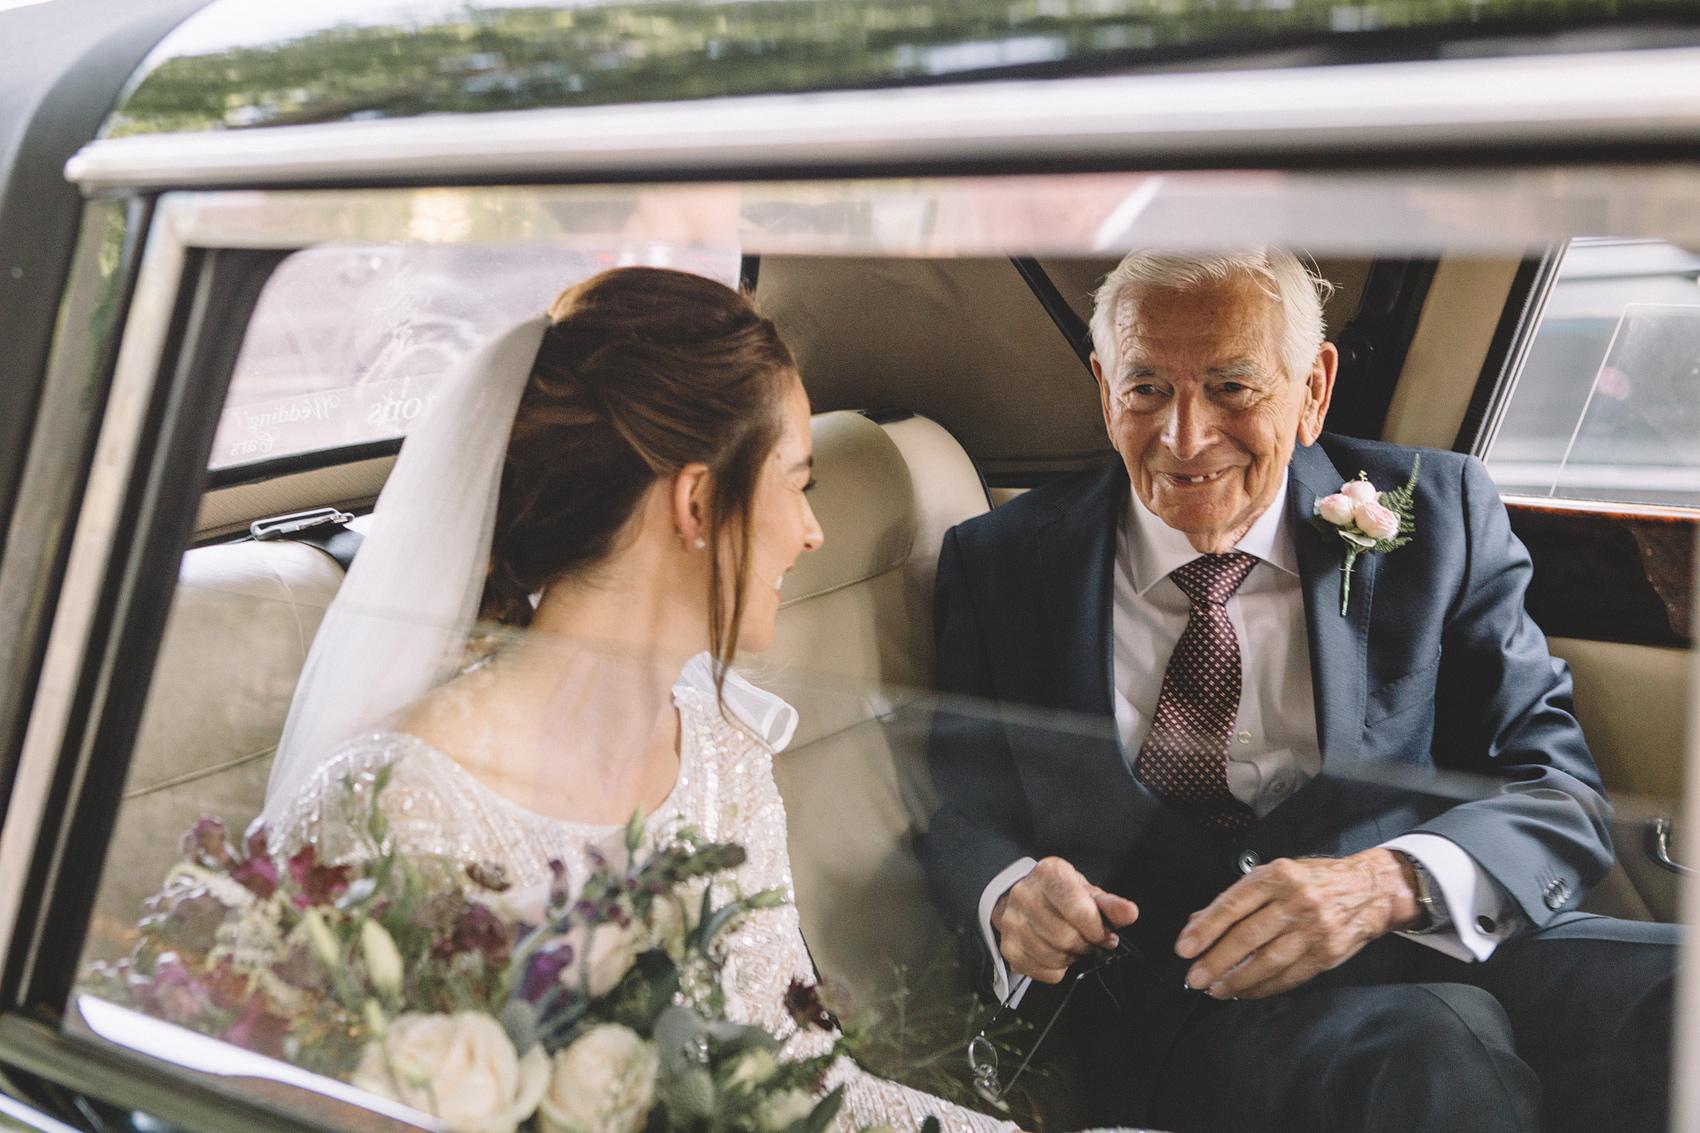 Inglewood_Manor_Wedding_Photography_-_Claire_Basiuk_Cheshire_Photographer_-_14_49.jpg